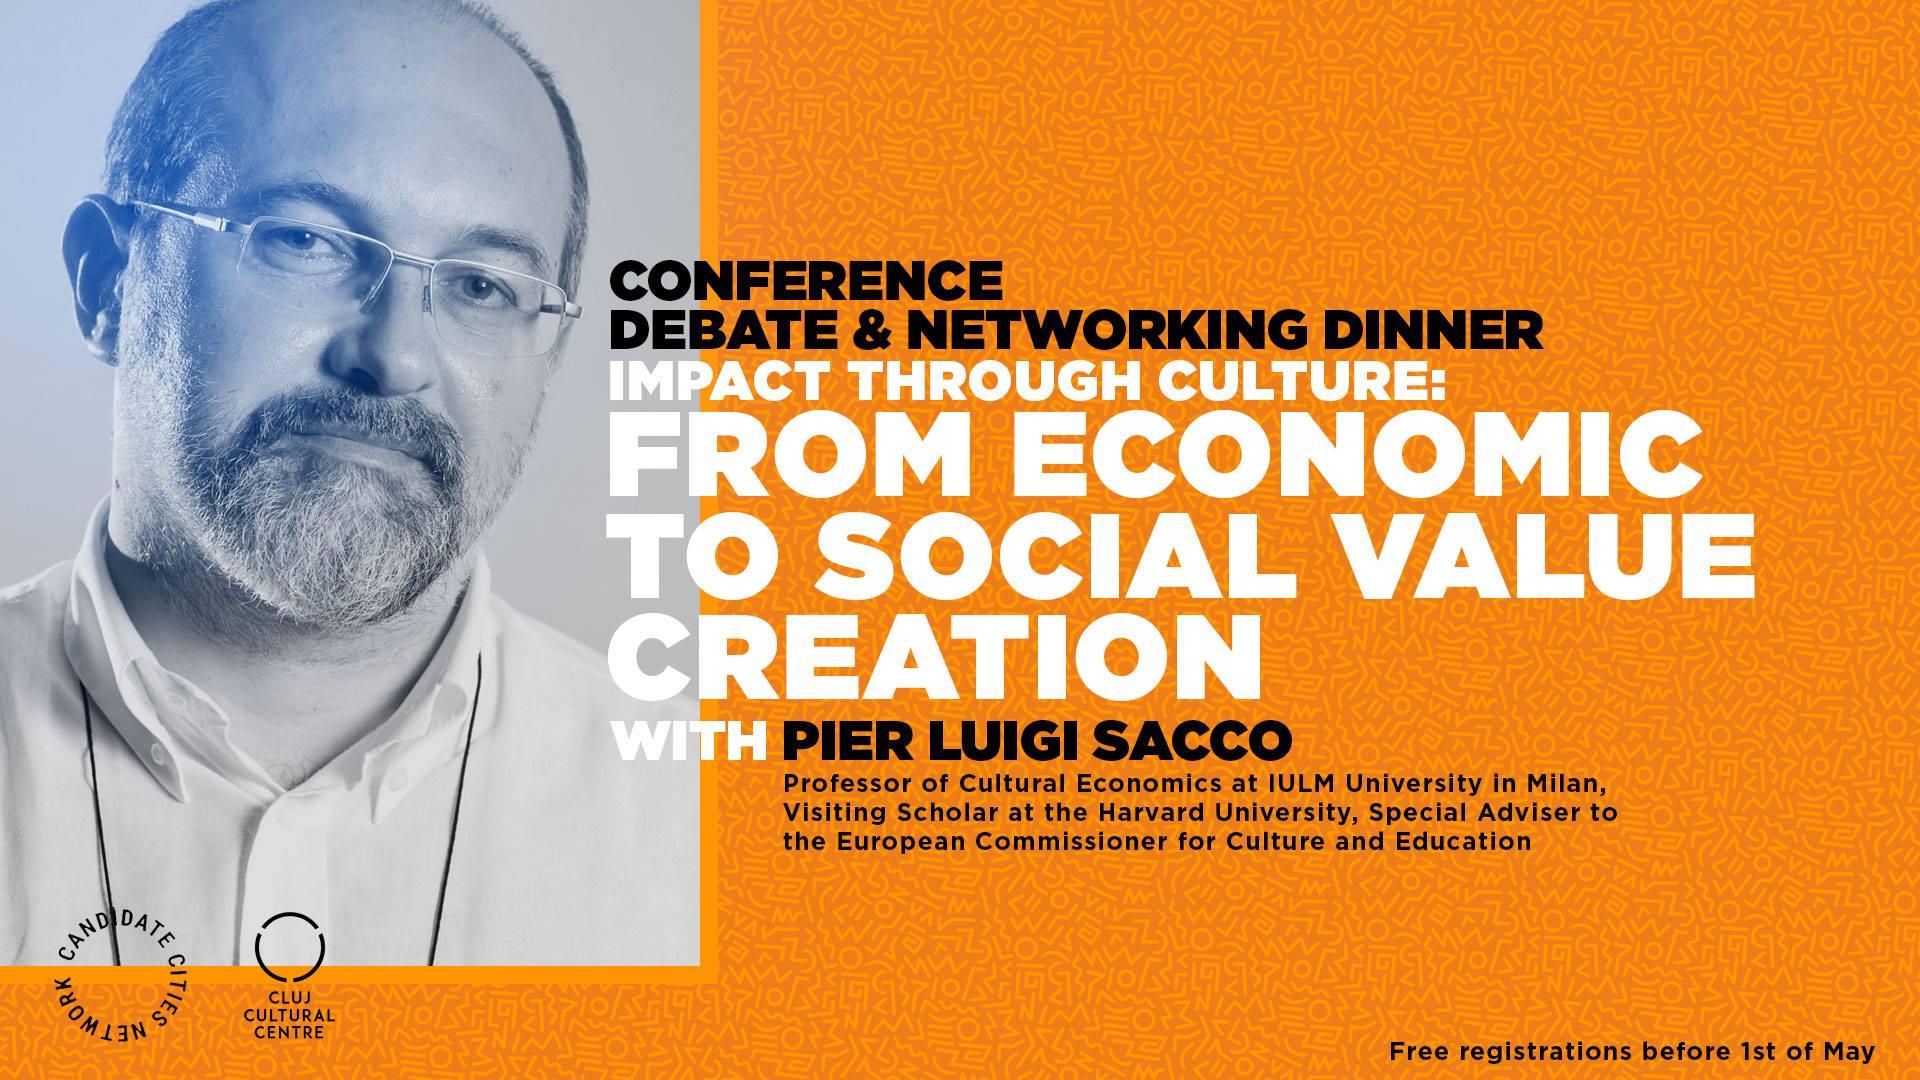 Academic de la Milano și Harvard, în conferință de economia culturii la Cluj